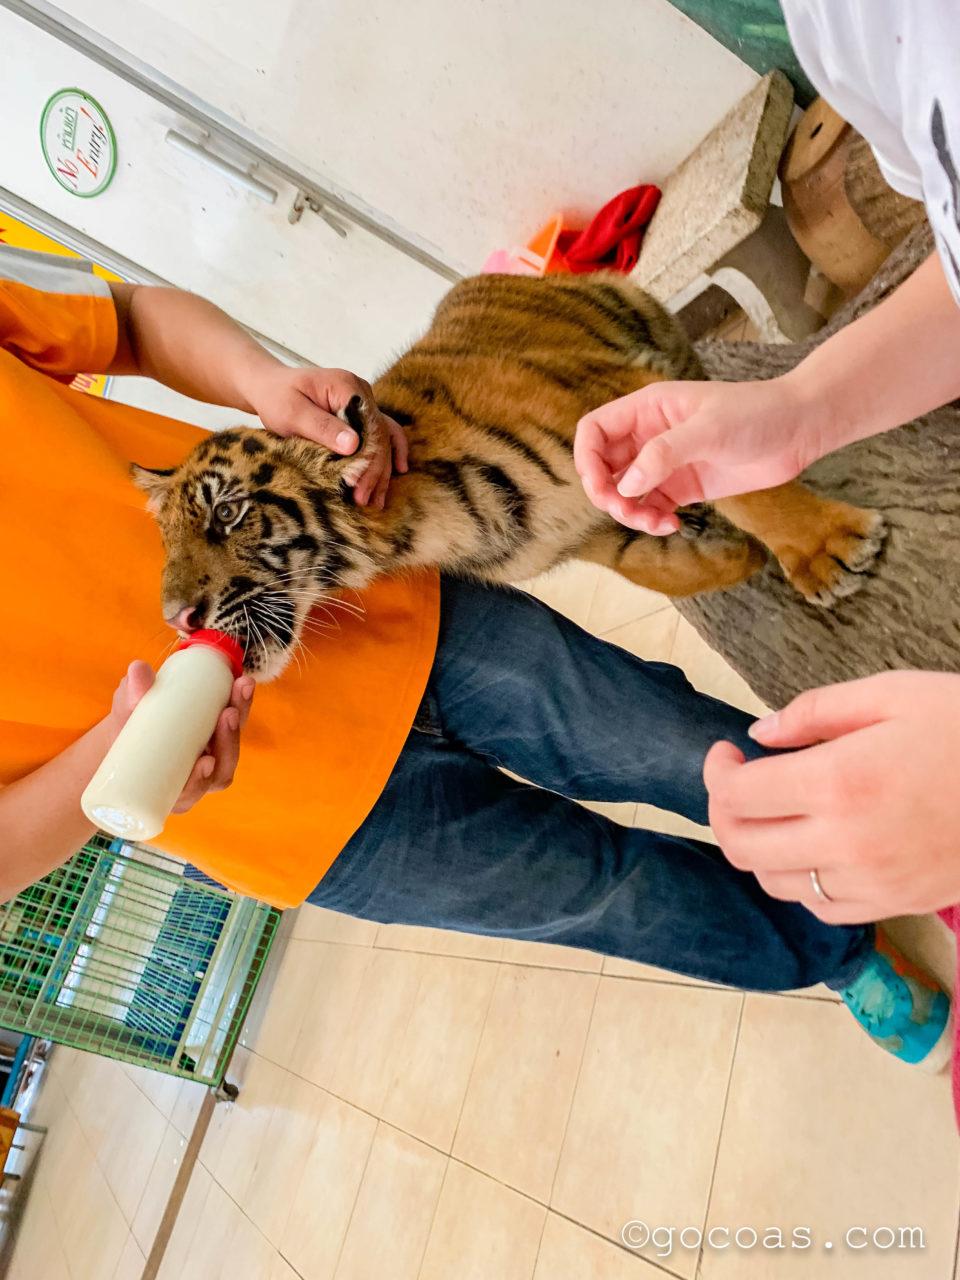 シラチャタイガーズーの体験でトラにミルクをあげるスタッフ